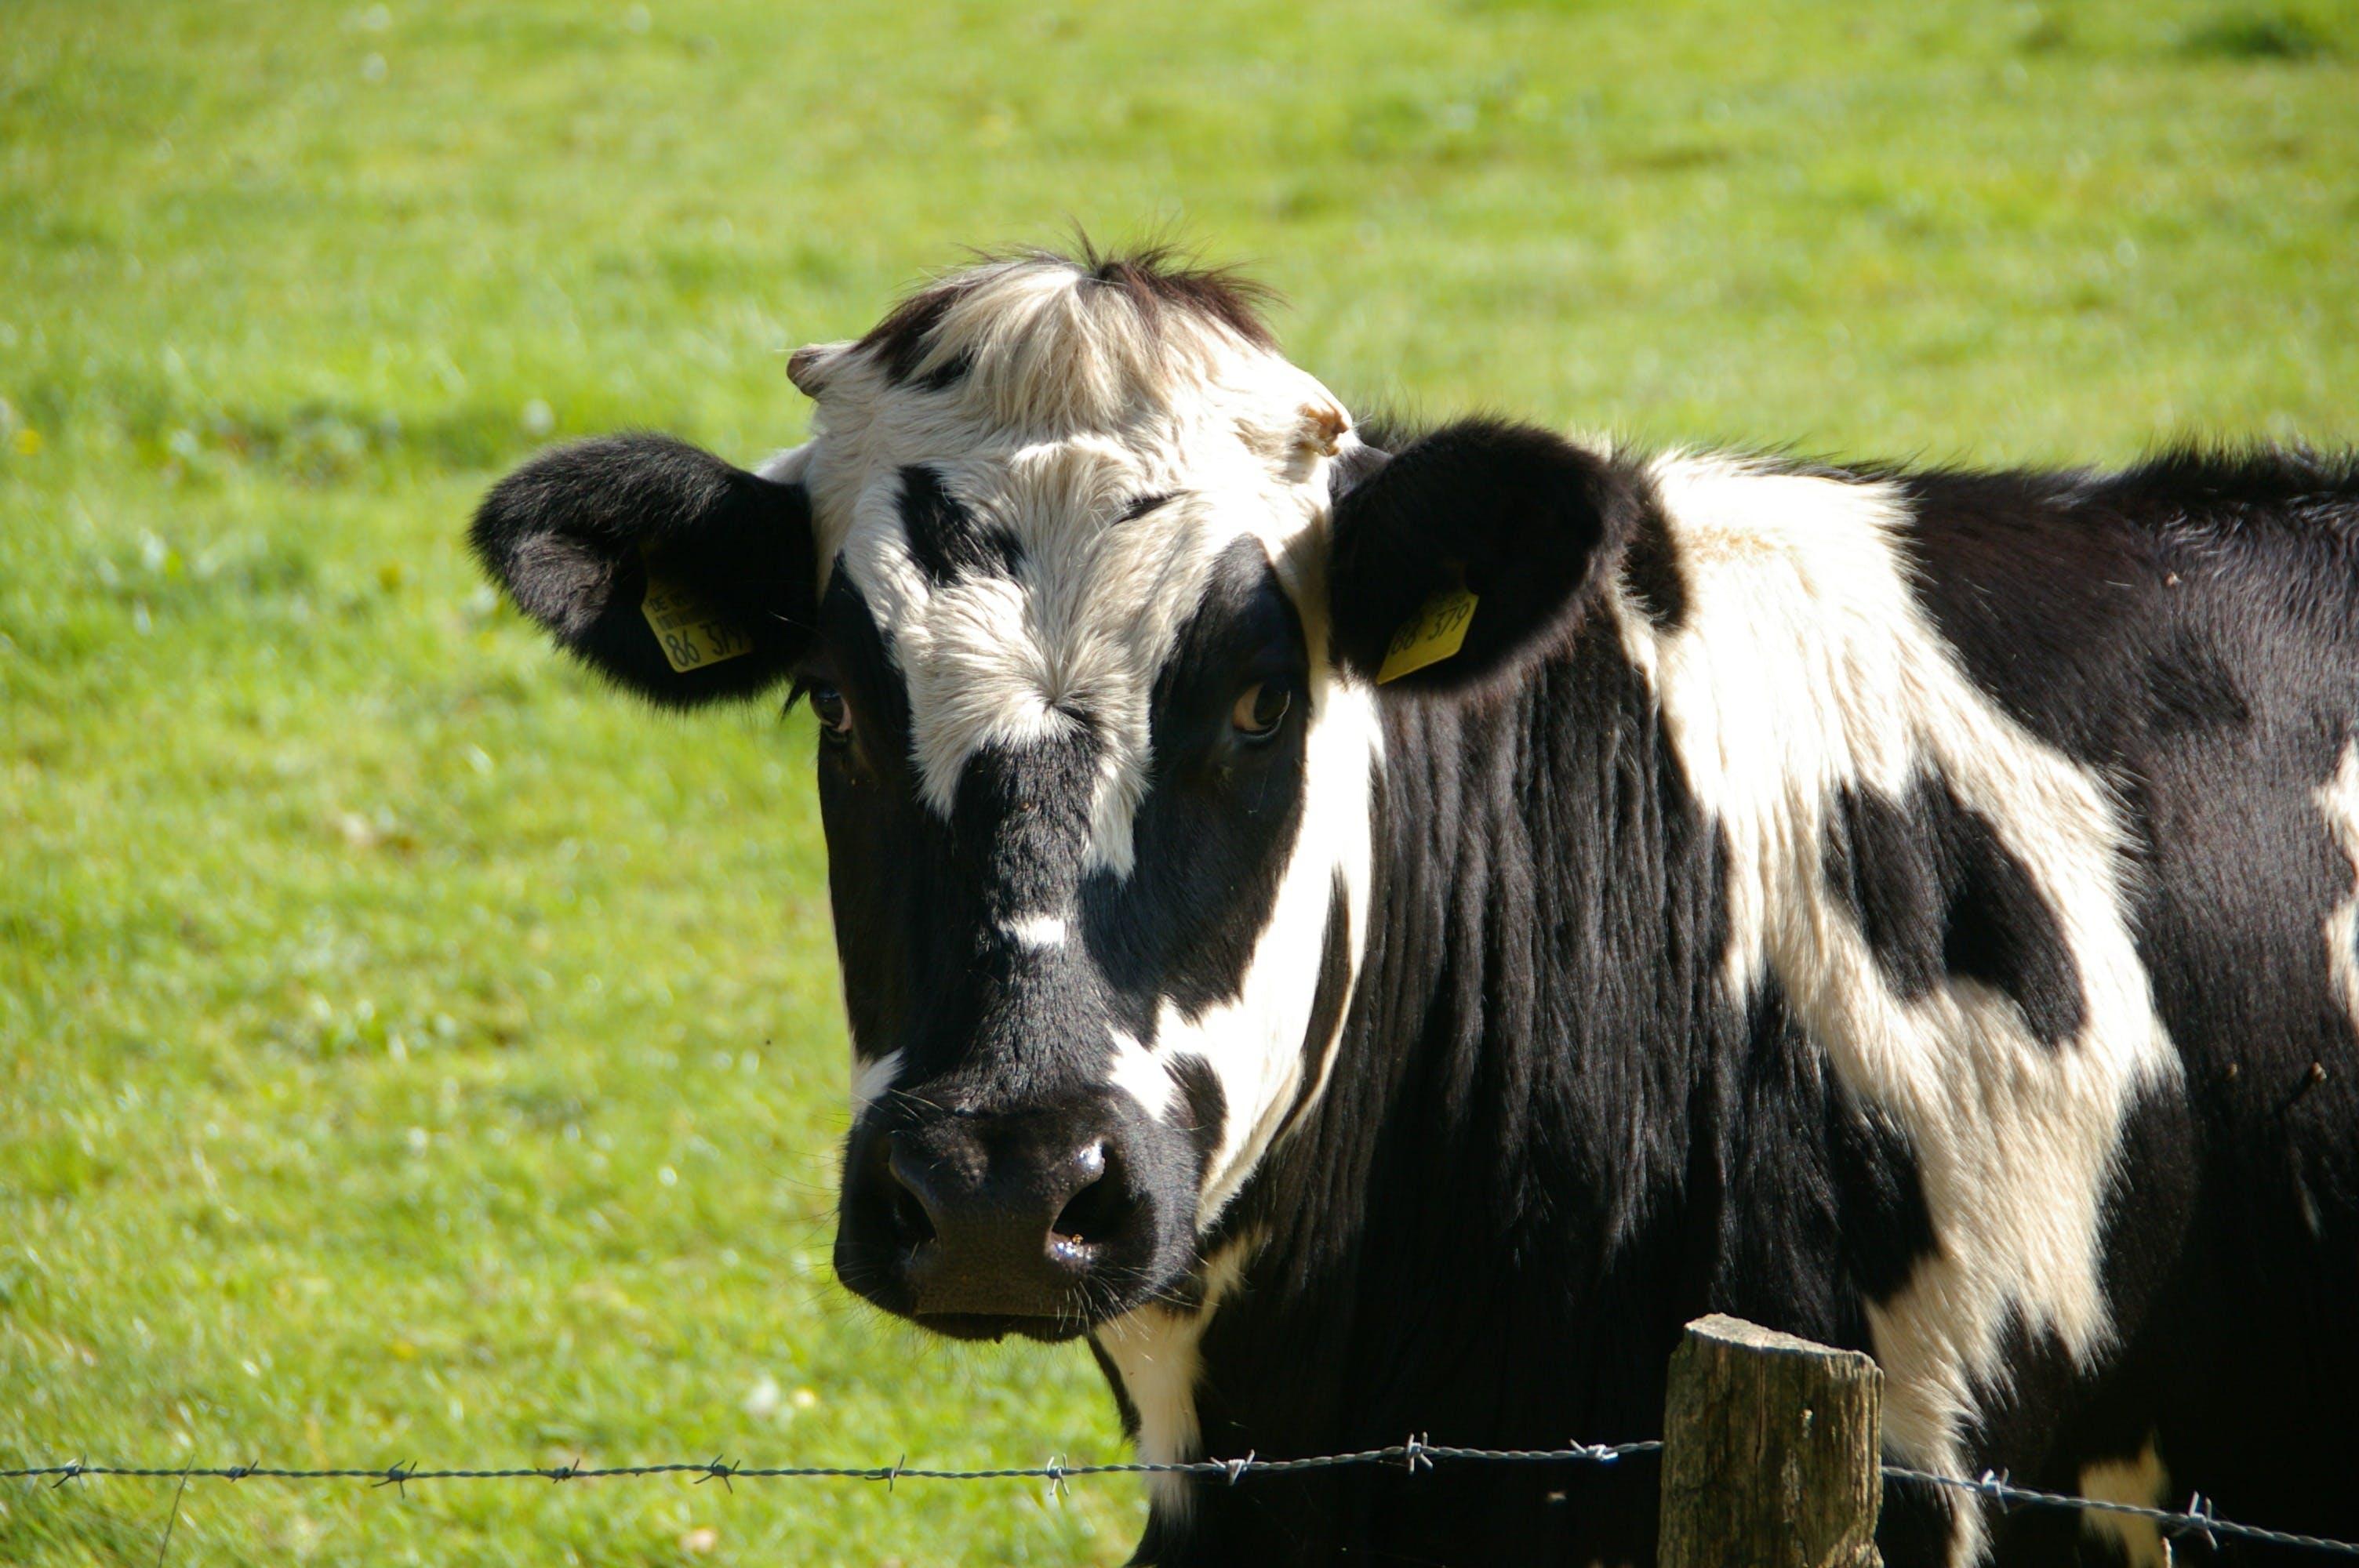 Gratis lagerfoto af close-up, dyr, dyrefotografering, fægte